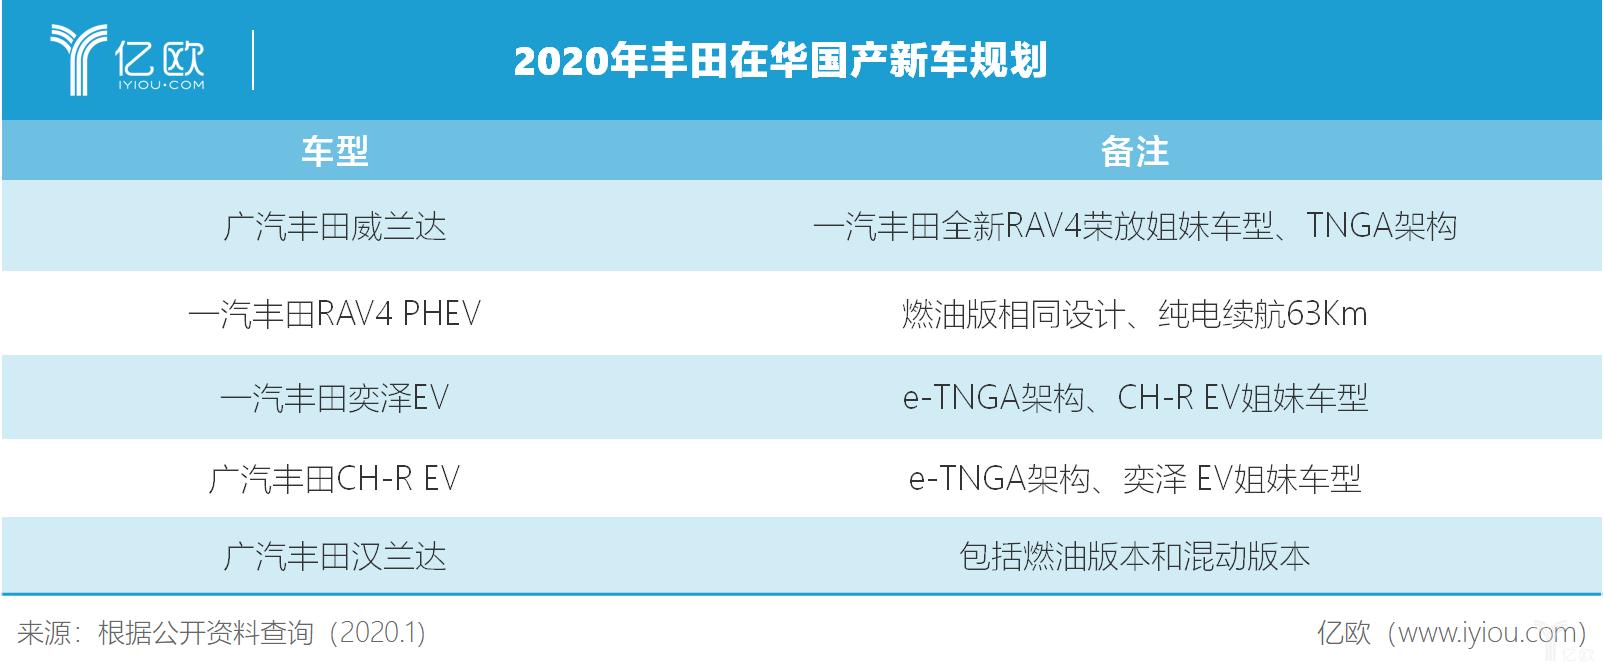 丰田2020年在华新车规划